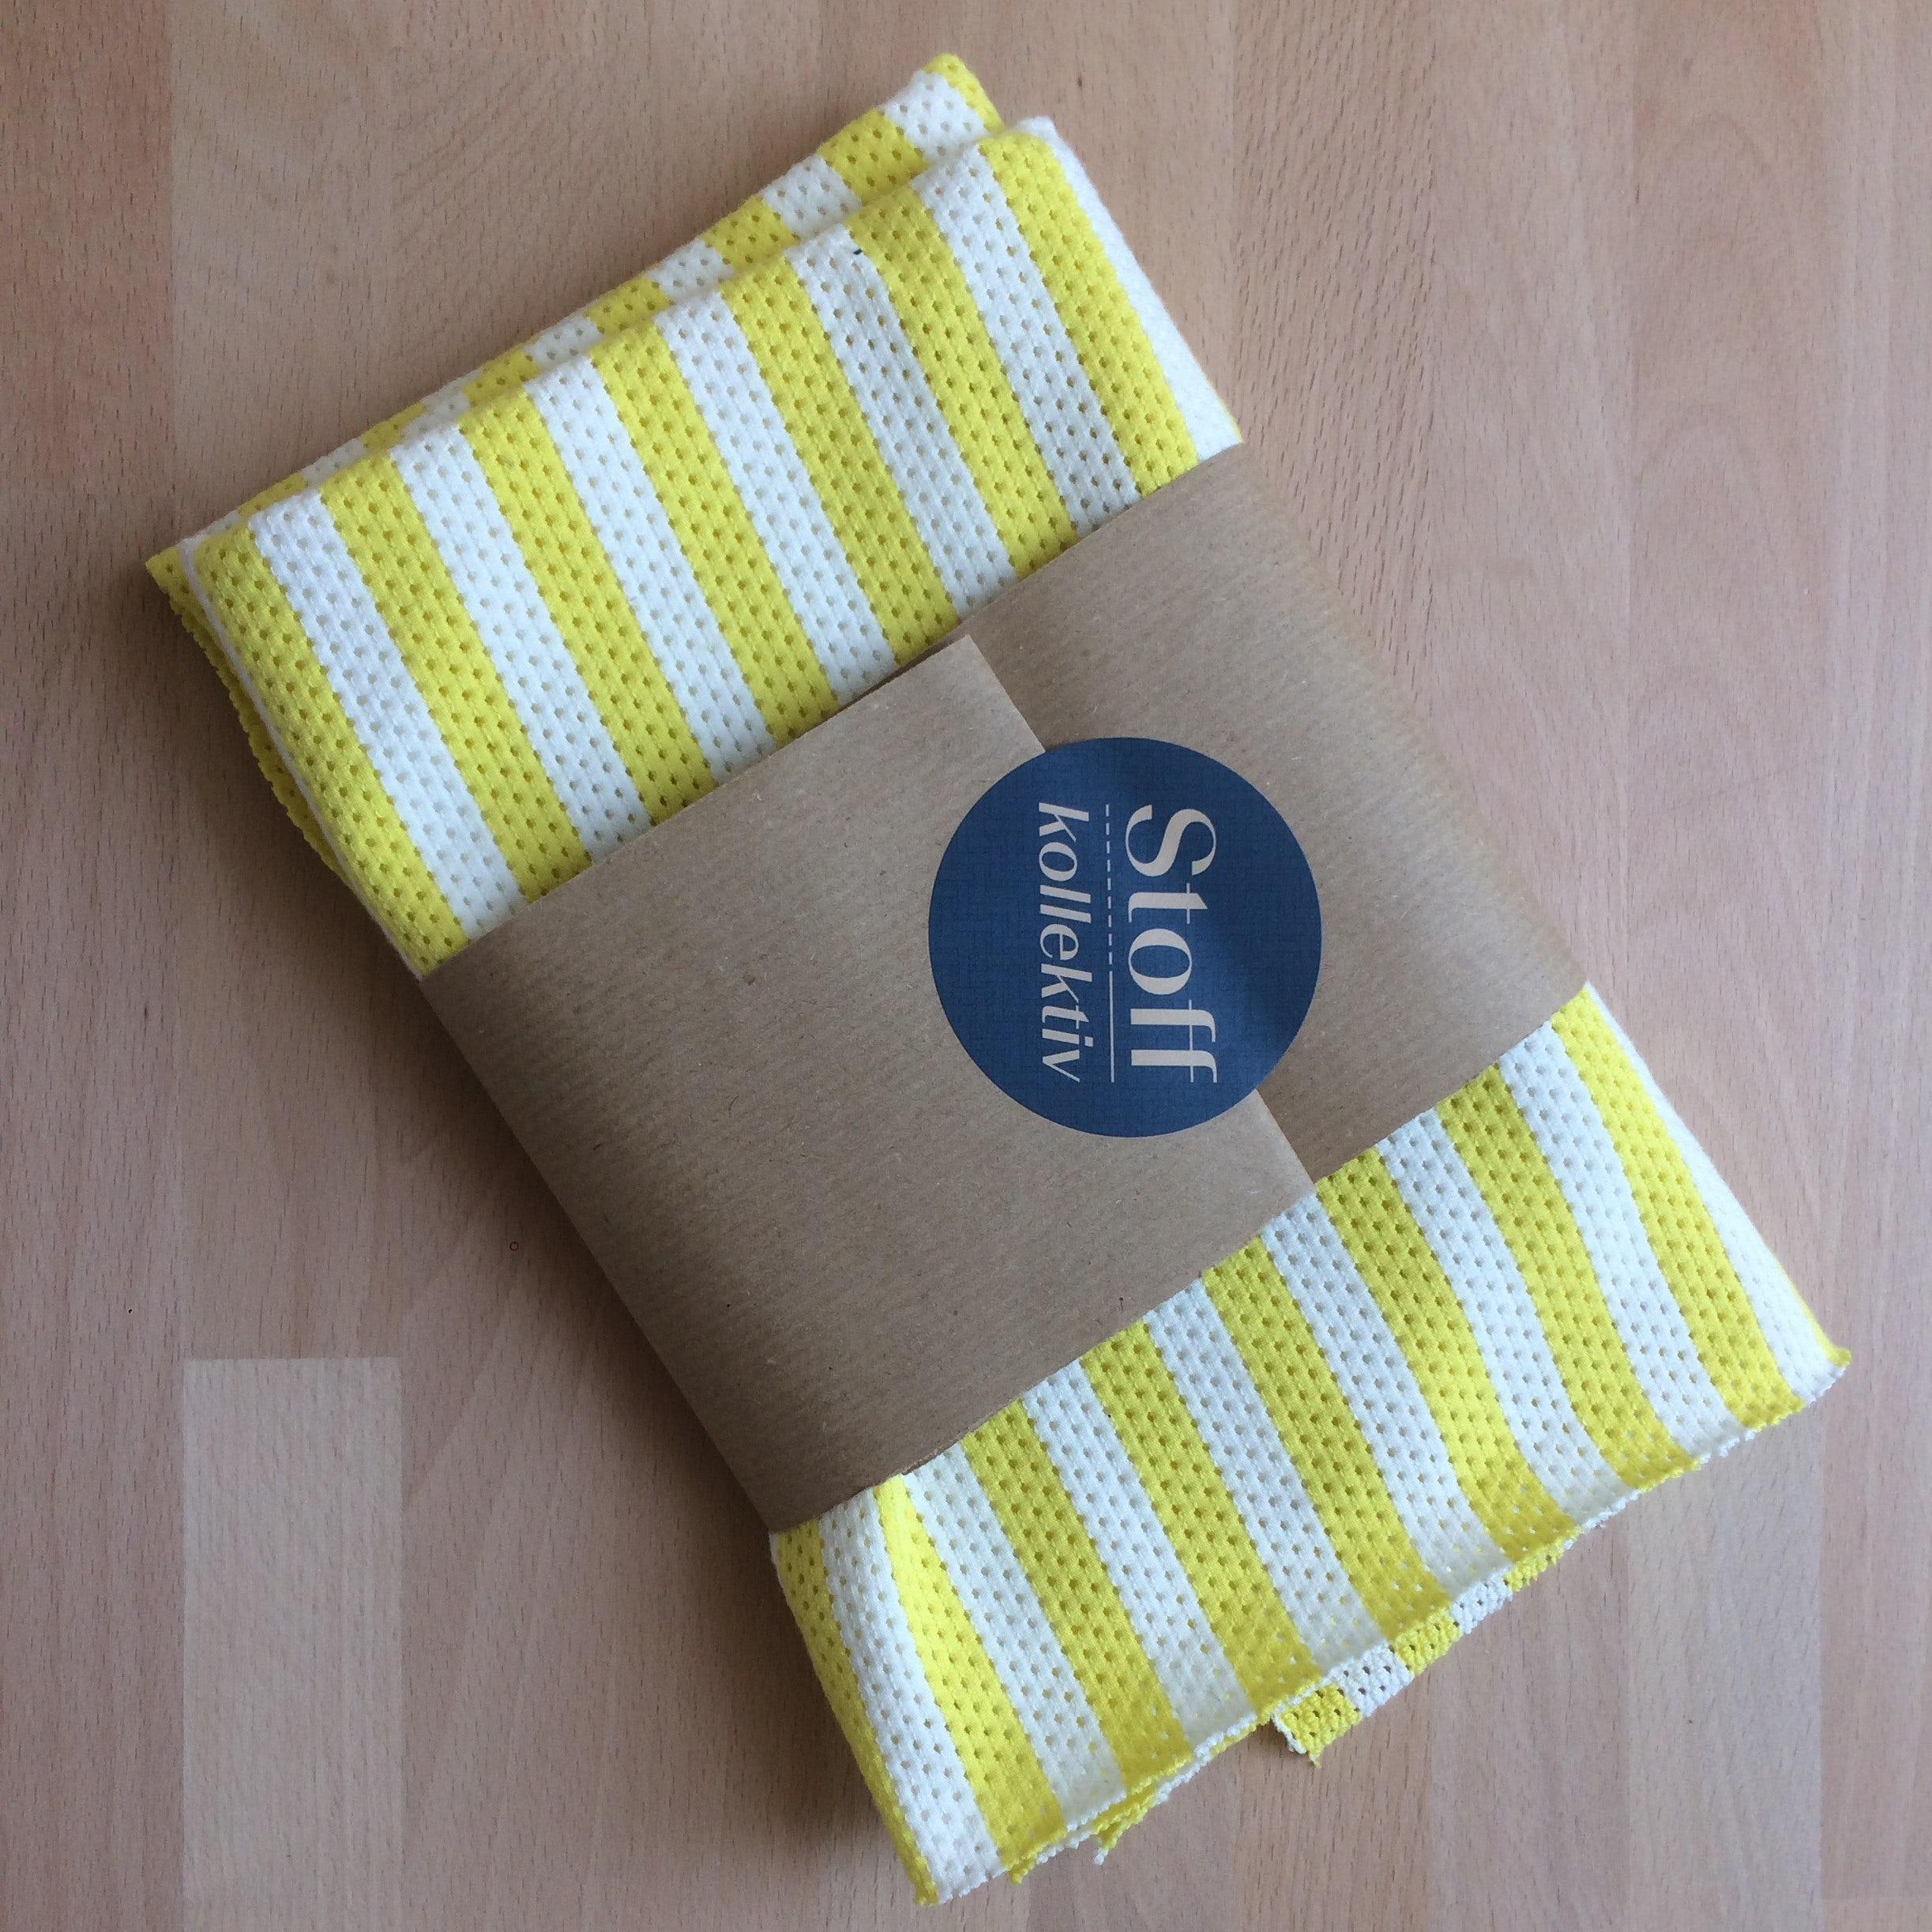 Gelb weiß gestreifter Stoff eingepackt in Streifen Packpapier und Stoffkollektiv Sticker.